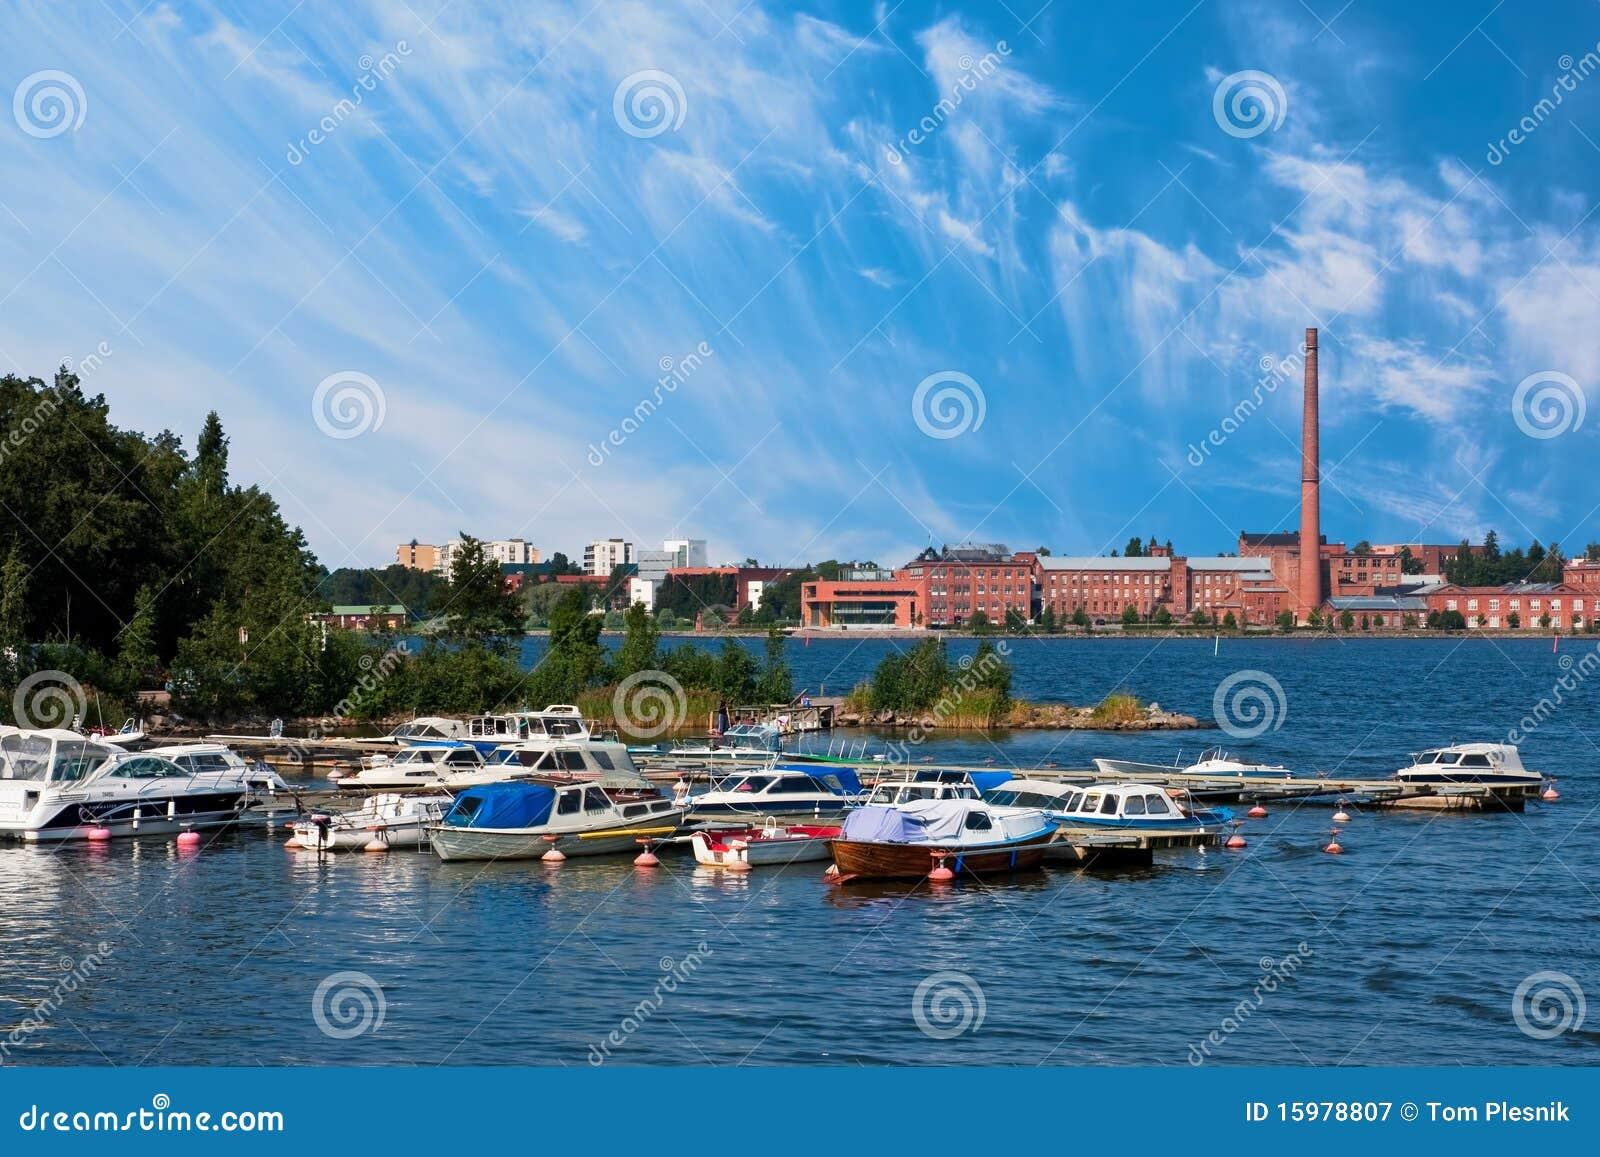 Vaasa dock and old factory